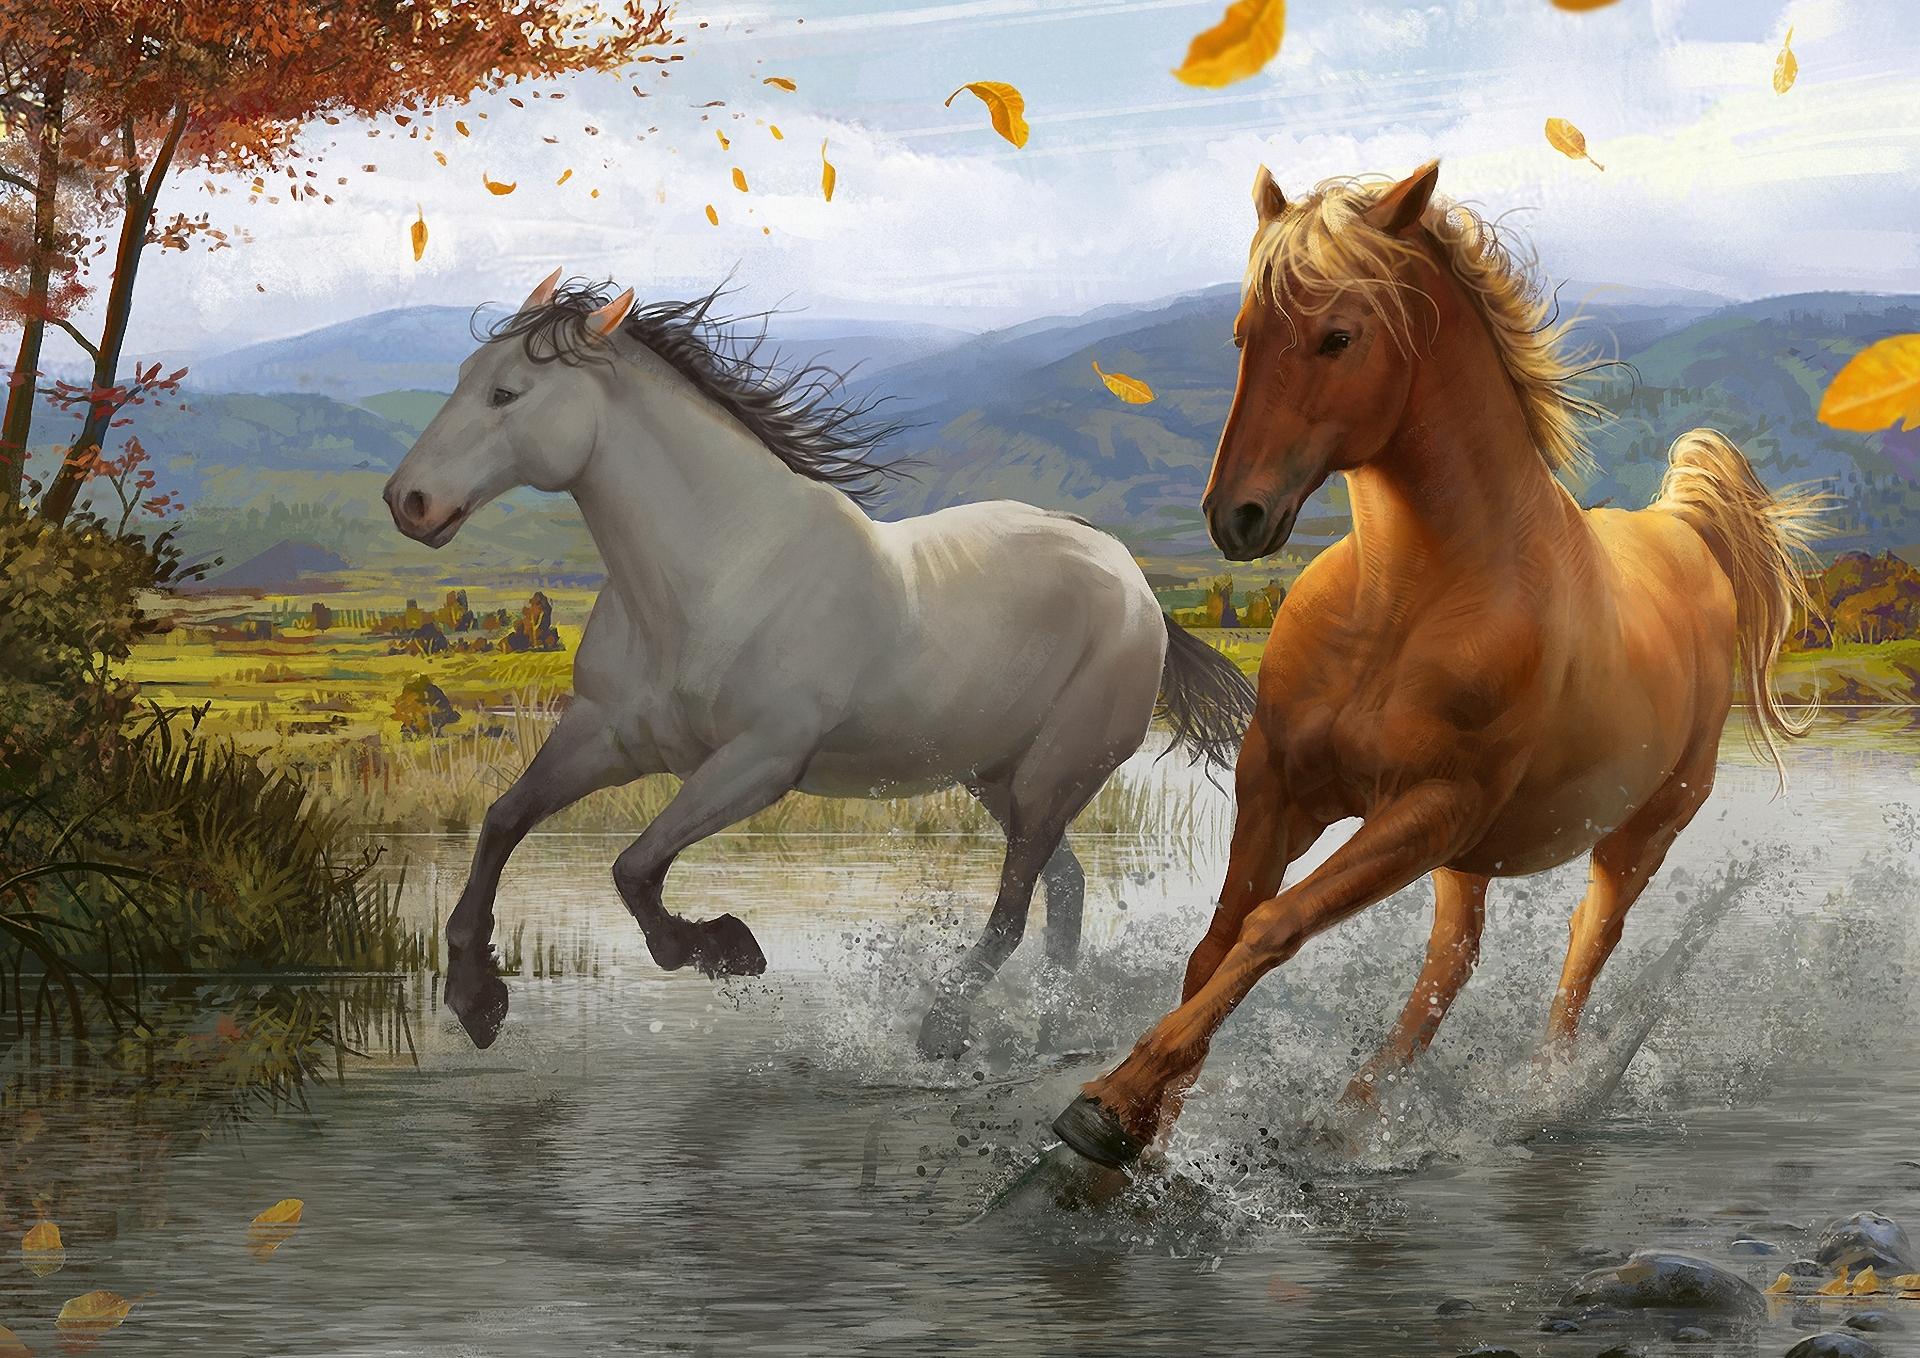 рисунок графика лошадь природа животные figure graphics horse nature animals  № 3925564 загрузить